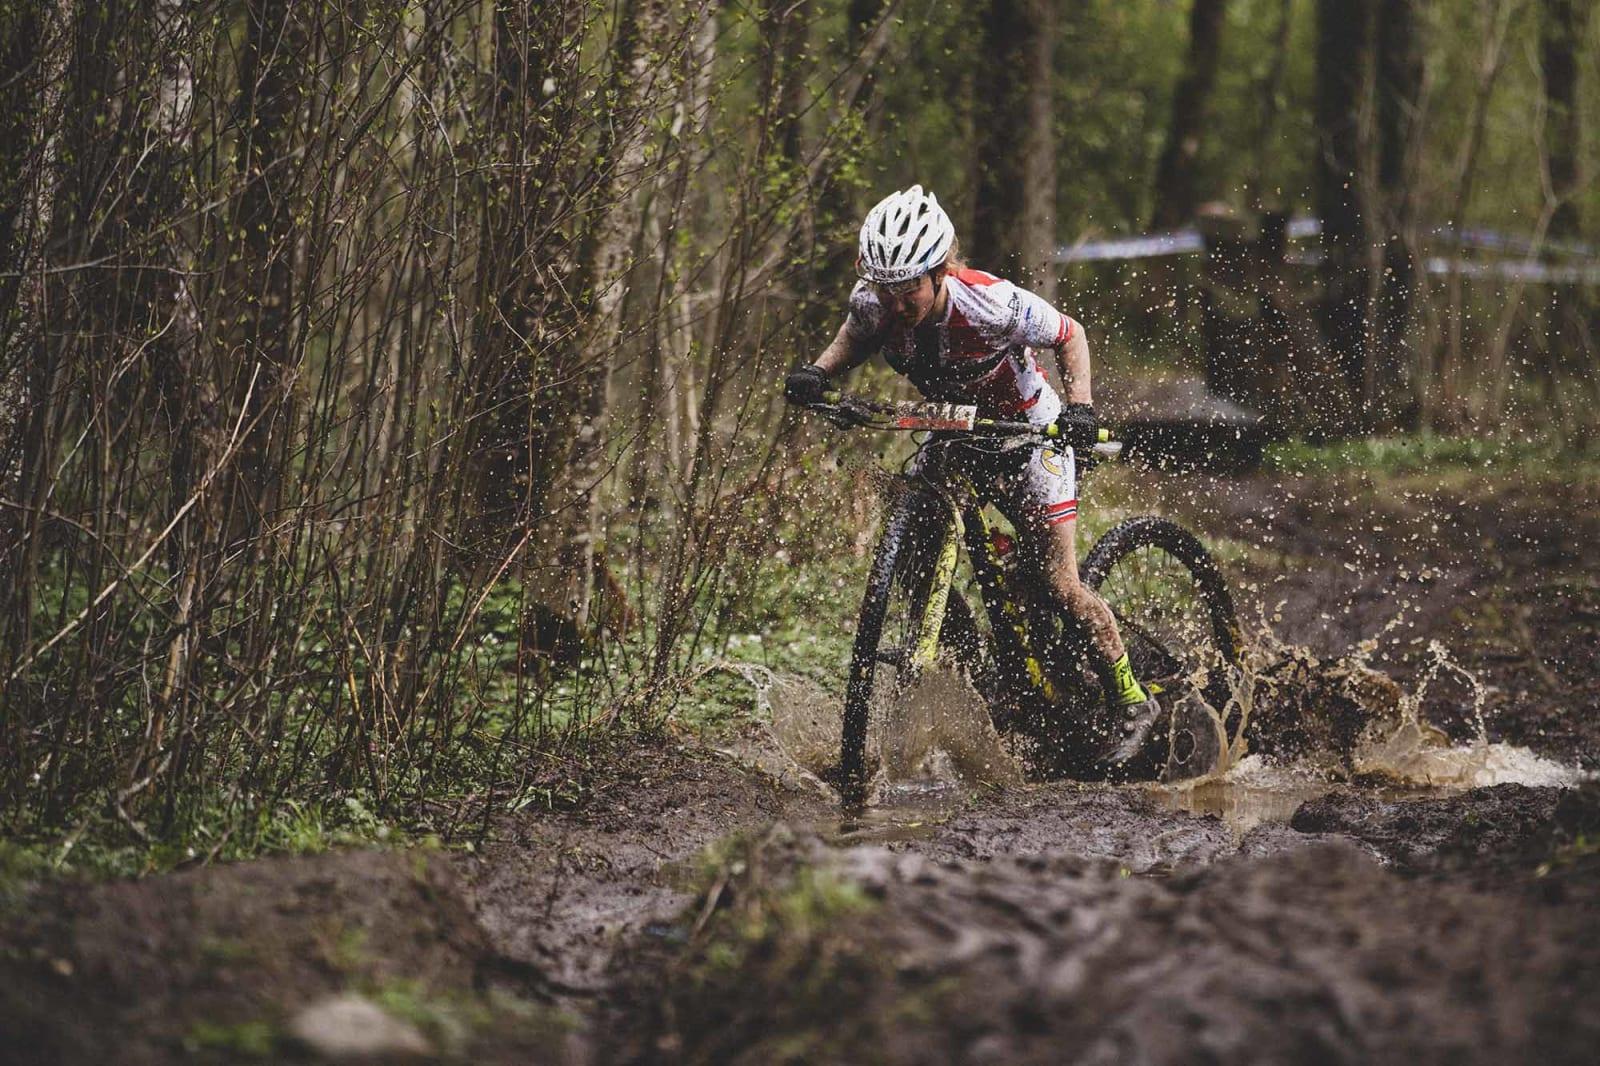 ET HAV: Av både tid til nærmeste konkurrent - og gjørme. Helene Marie Fossesholm hadde trøkk til å holde farta oppe.